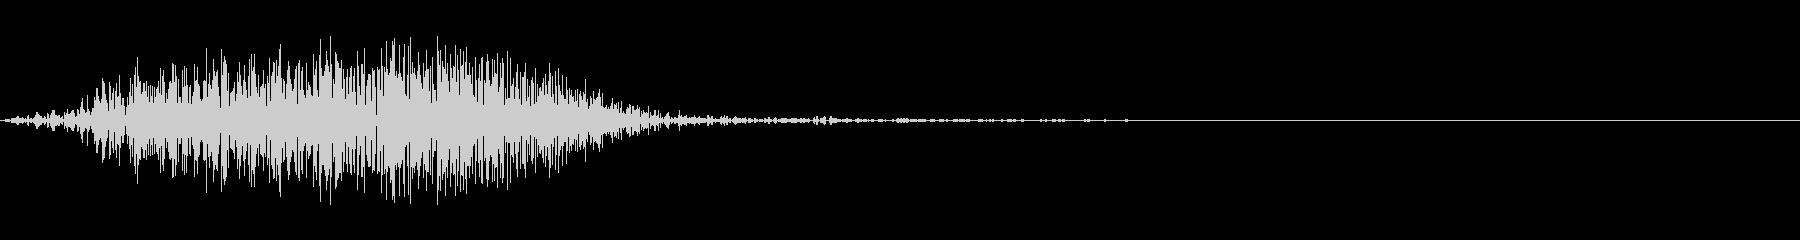 【SE】風切り音ナイフ、ダガー等01の未再生の波形